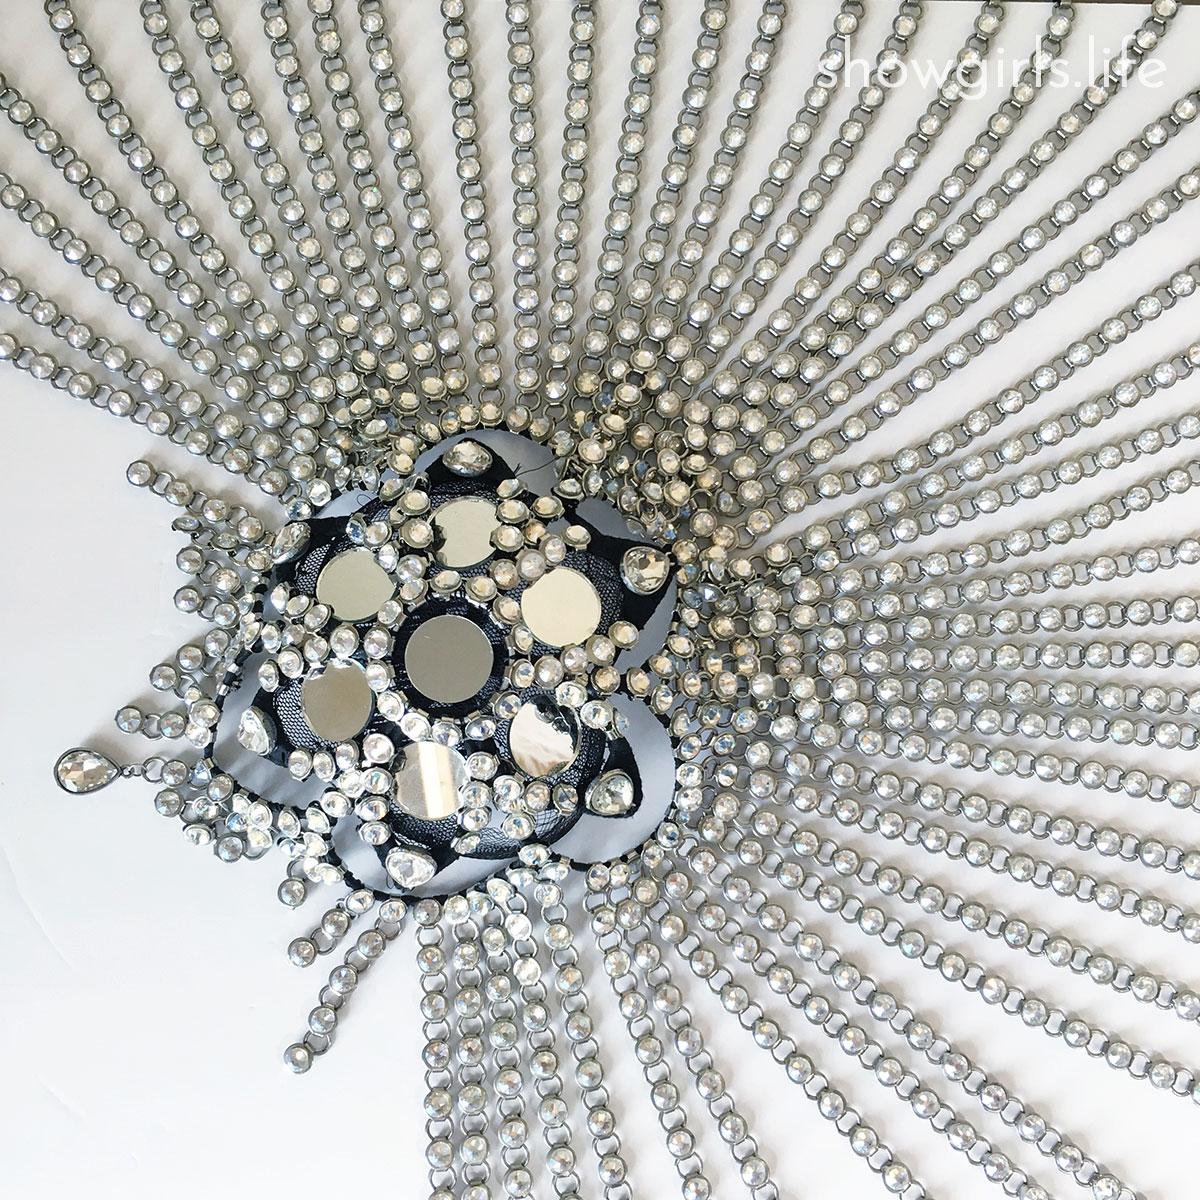 Showgirl's Life blog   Rhinestoned Showgirl headdress designed by Athena Patacsil